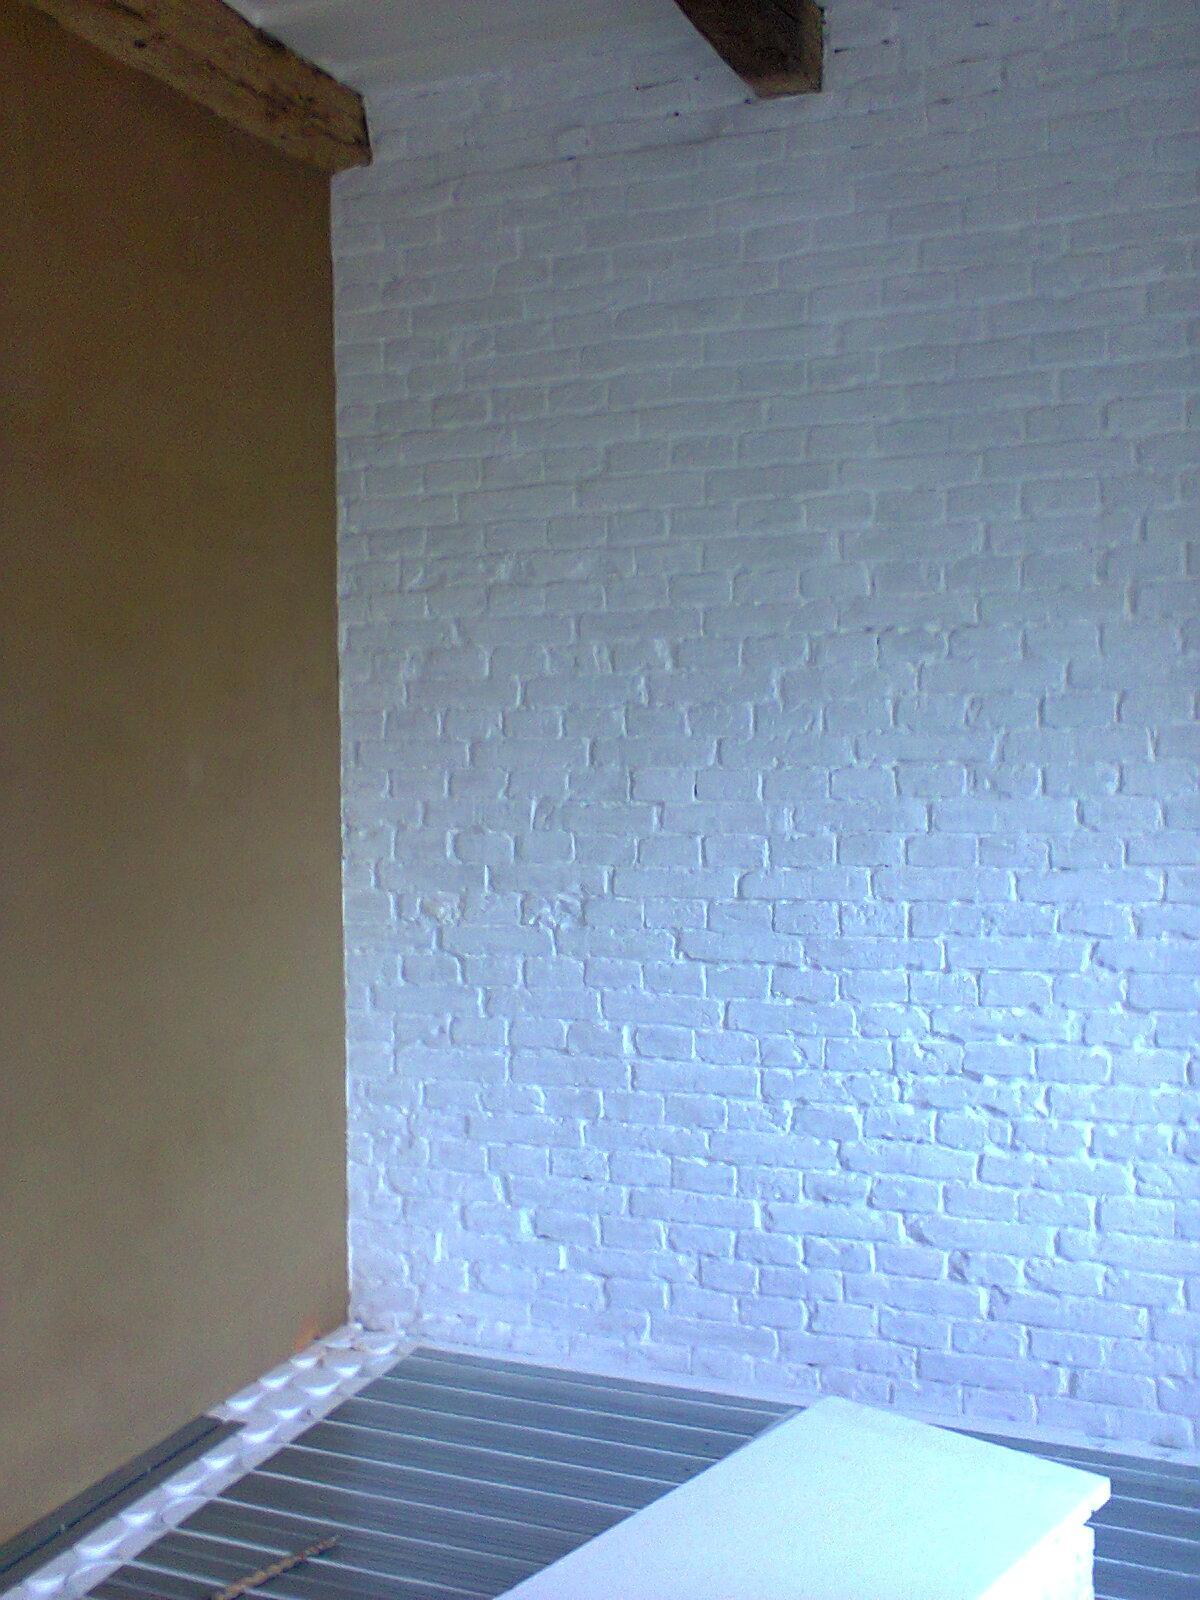 Dom na (H)rádku - november 2013, už len laminátku položiť :-) tu bude pracovný kút pozdĺž celej steny